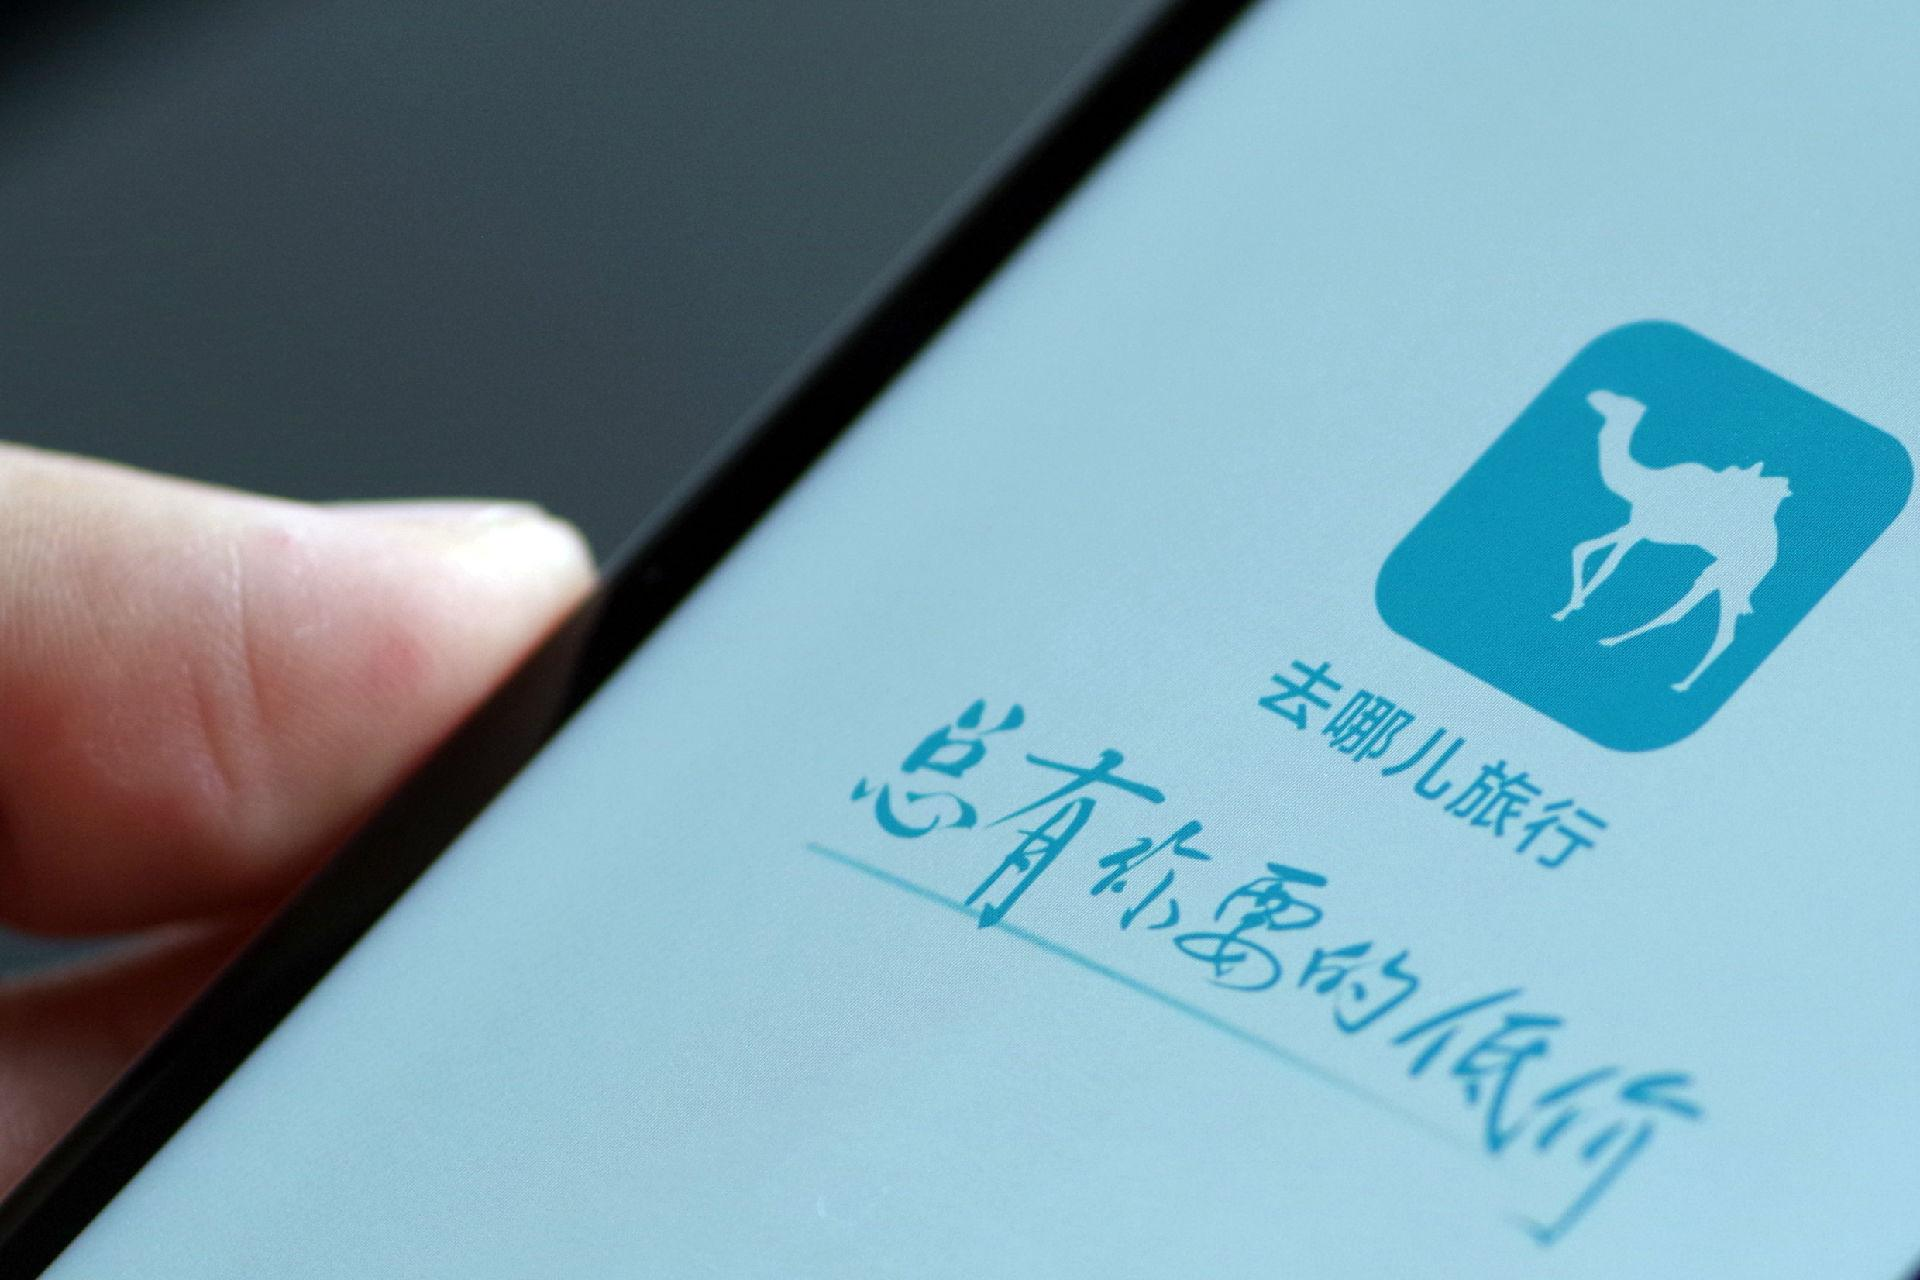 北京下调疫情防控级别去哪儿网机票预订量半小时涨15倍